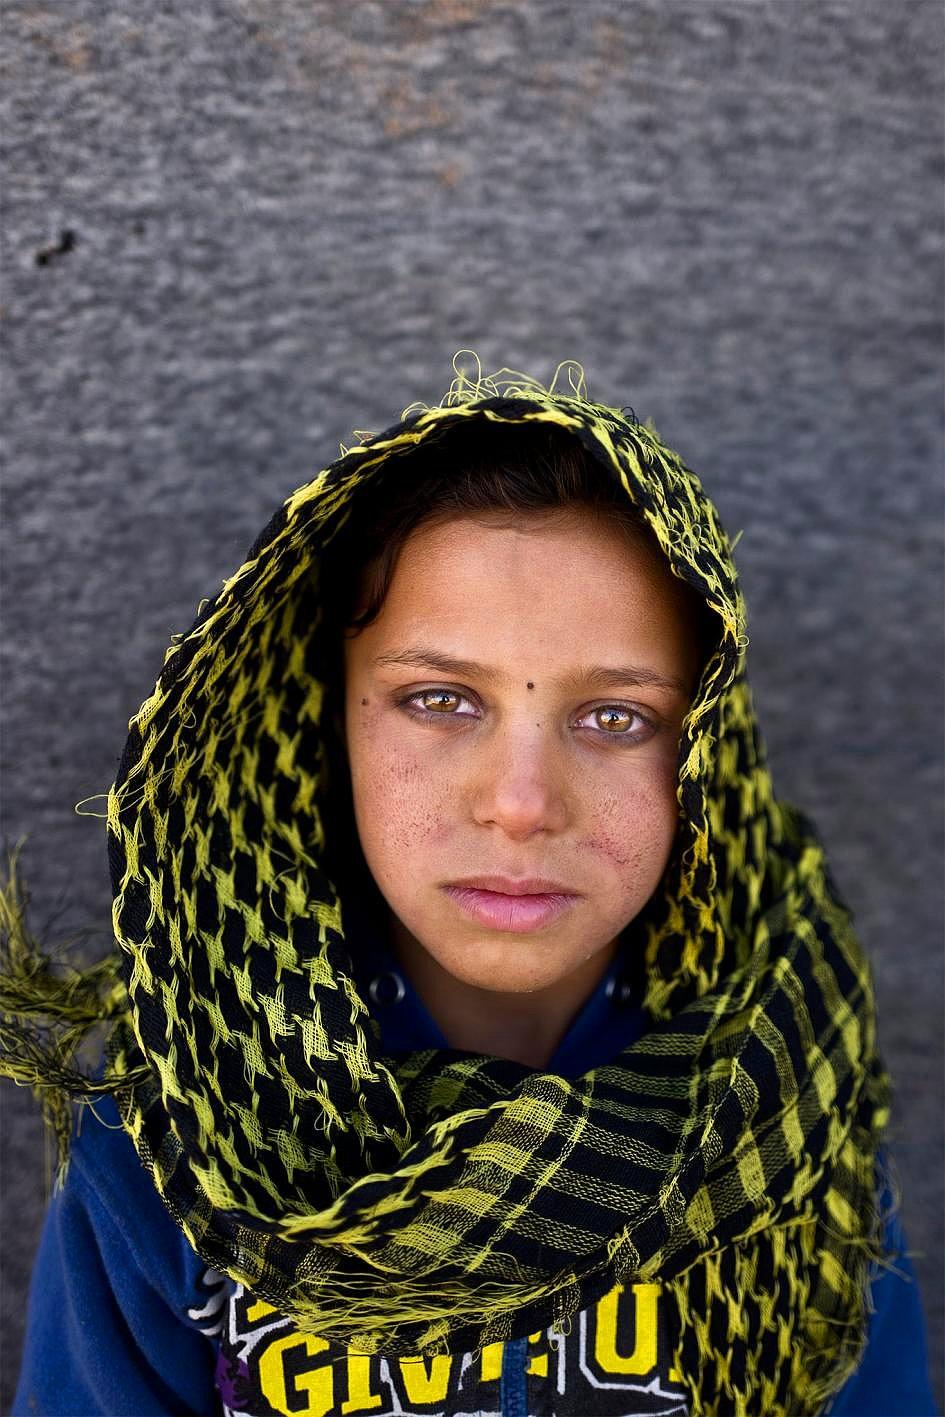 Savaşın Acısı Onların Gözlerinde 6